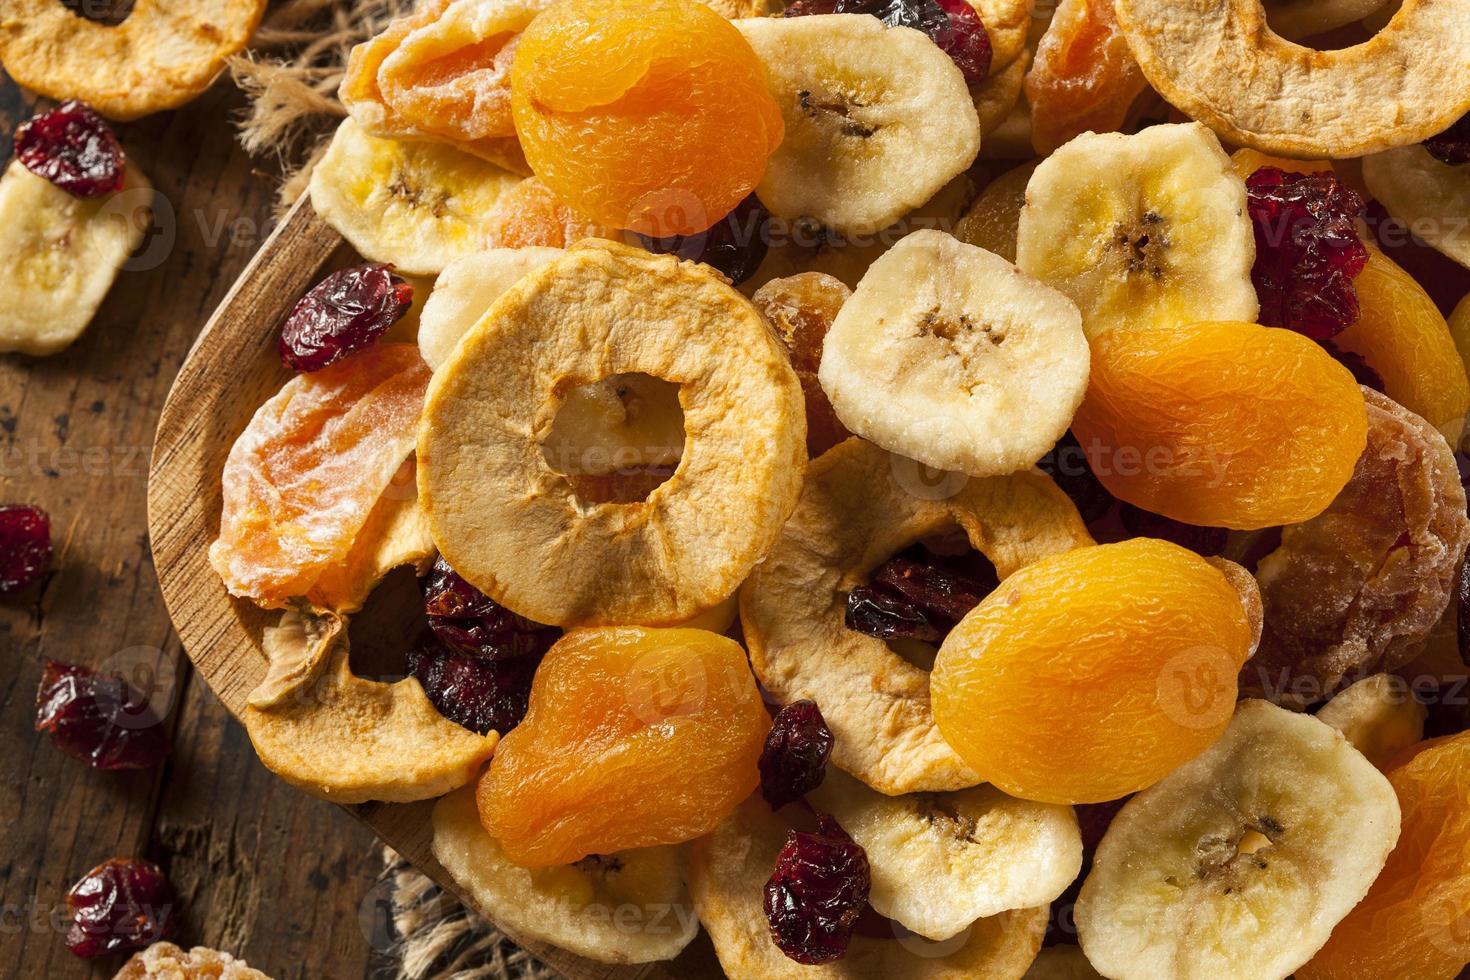 frutta secca assortita sana organica foto